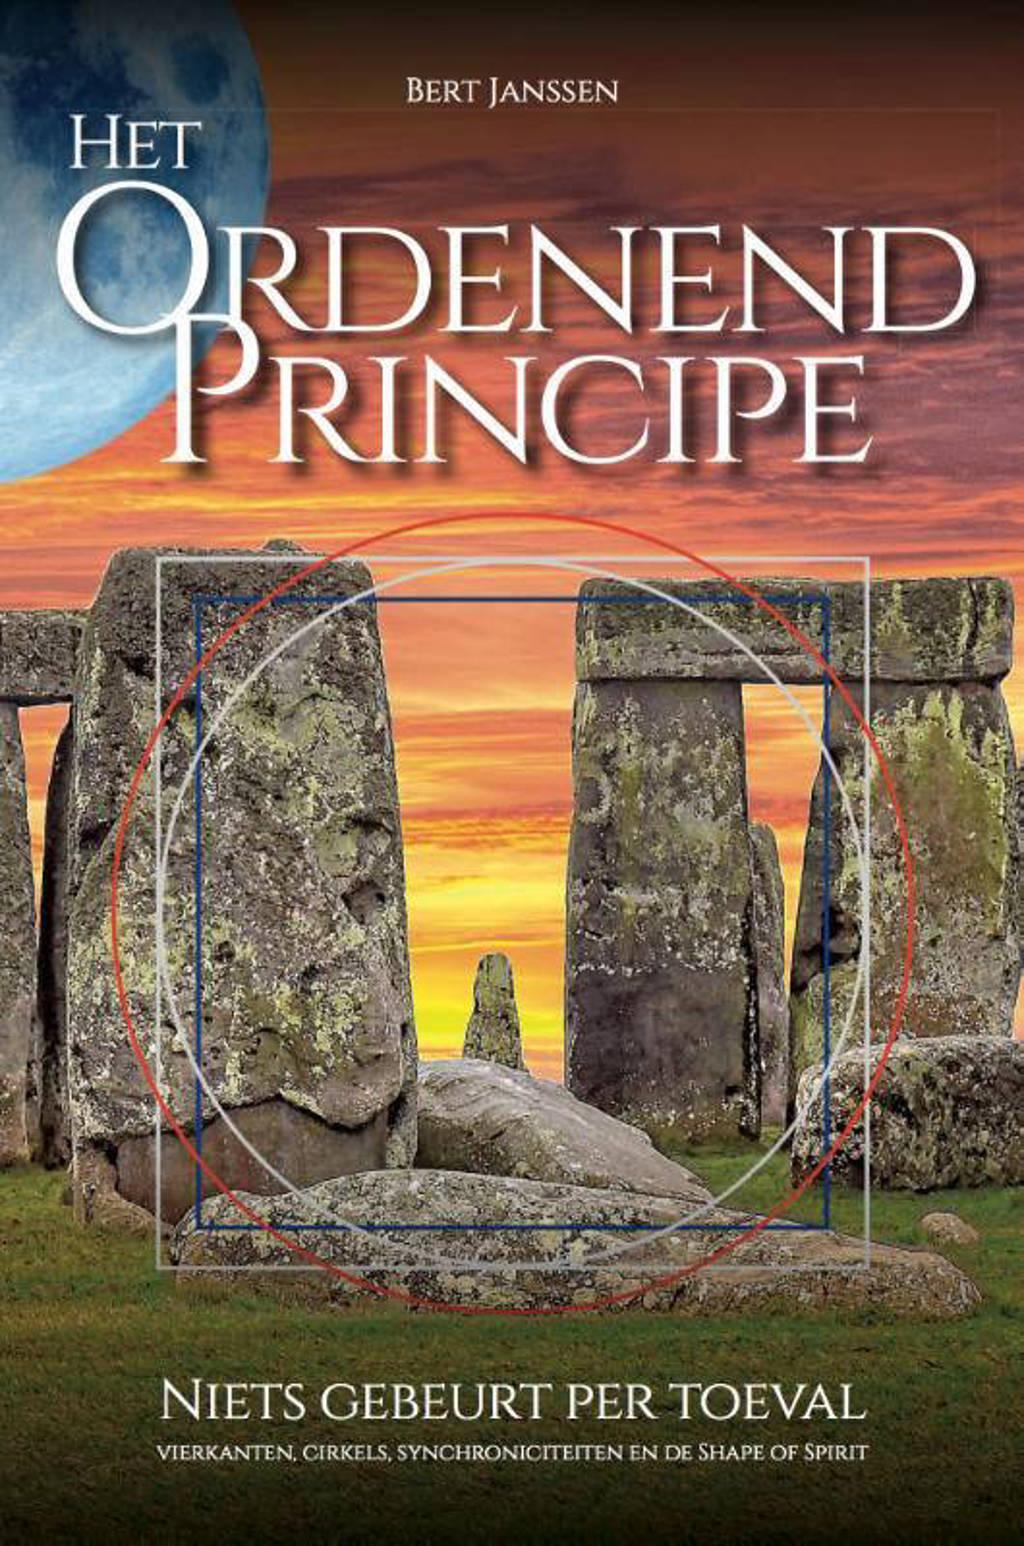 Het Ordenend Principe - Bert Janssen